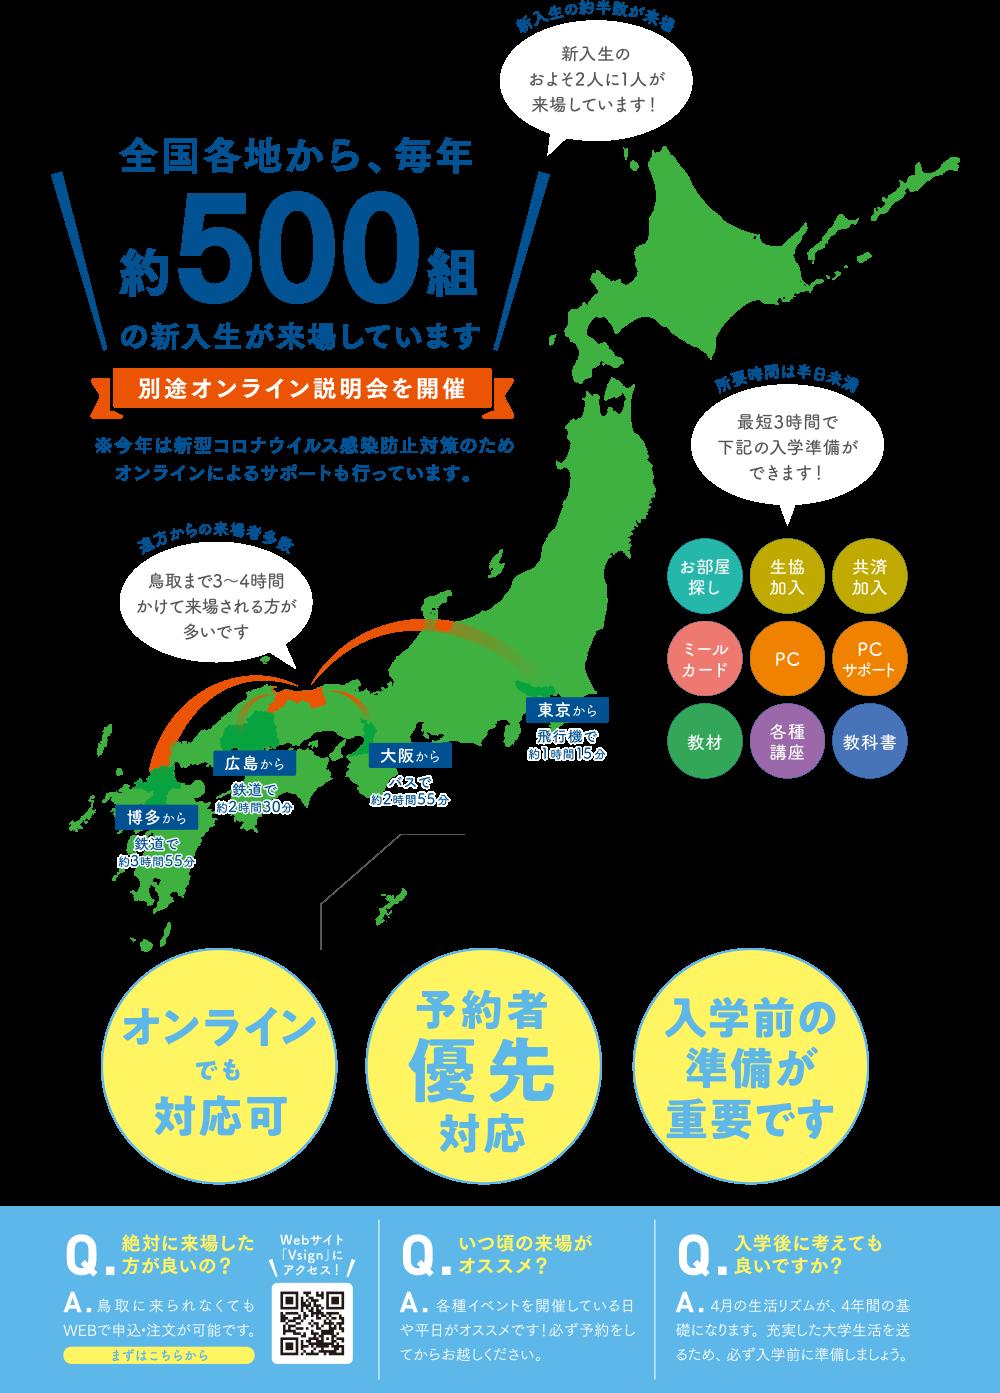 全国各地から、毎年約500組の新入生が来場しています